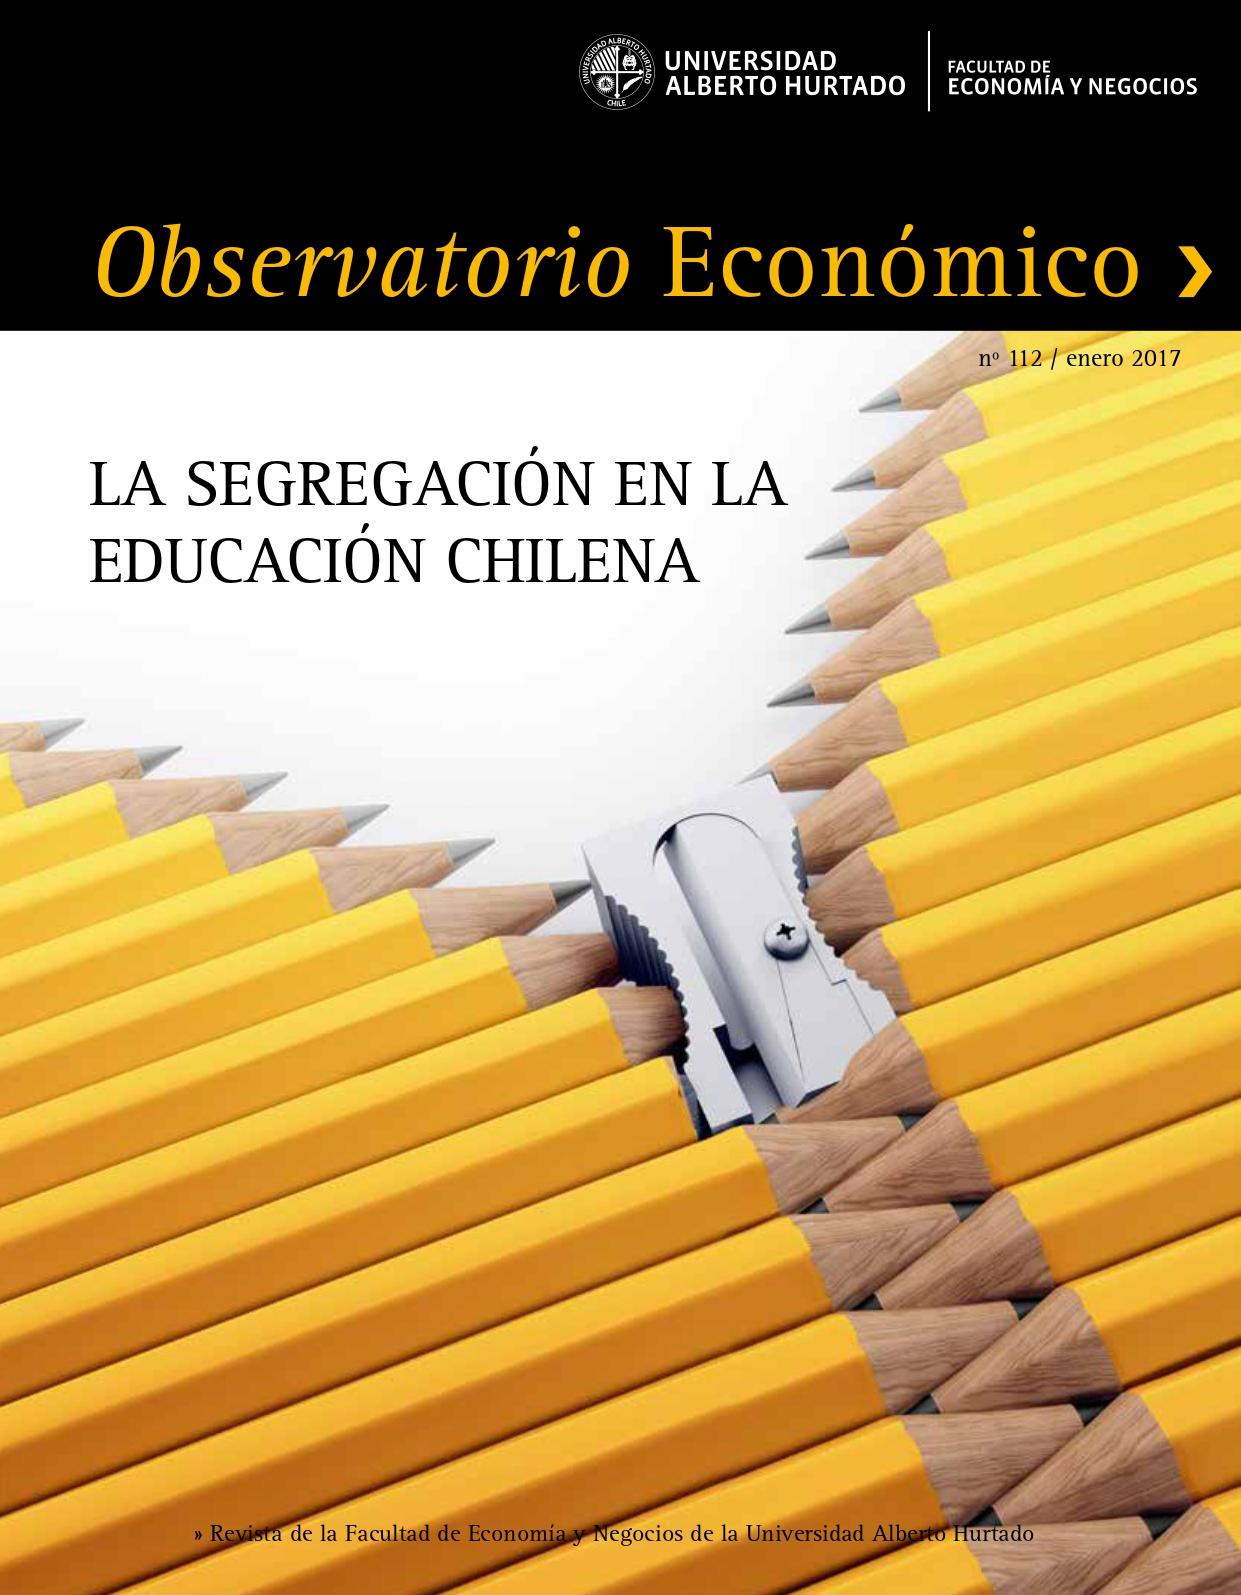 """Título del número de la revista : """"La segregación en la educación chilena"""""""